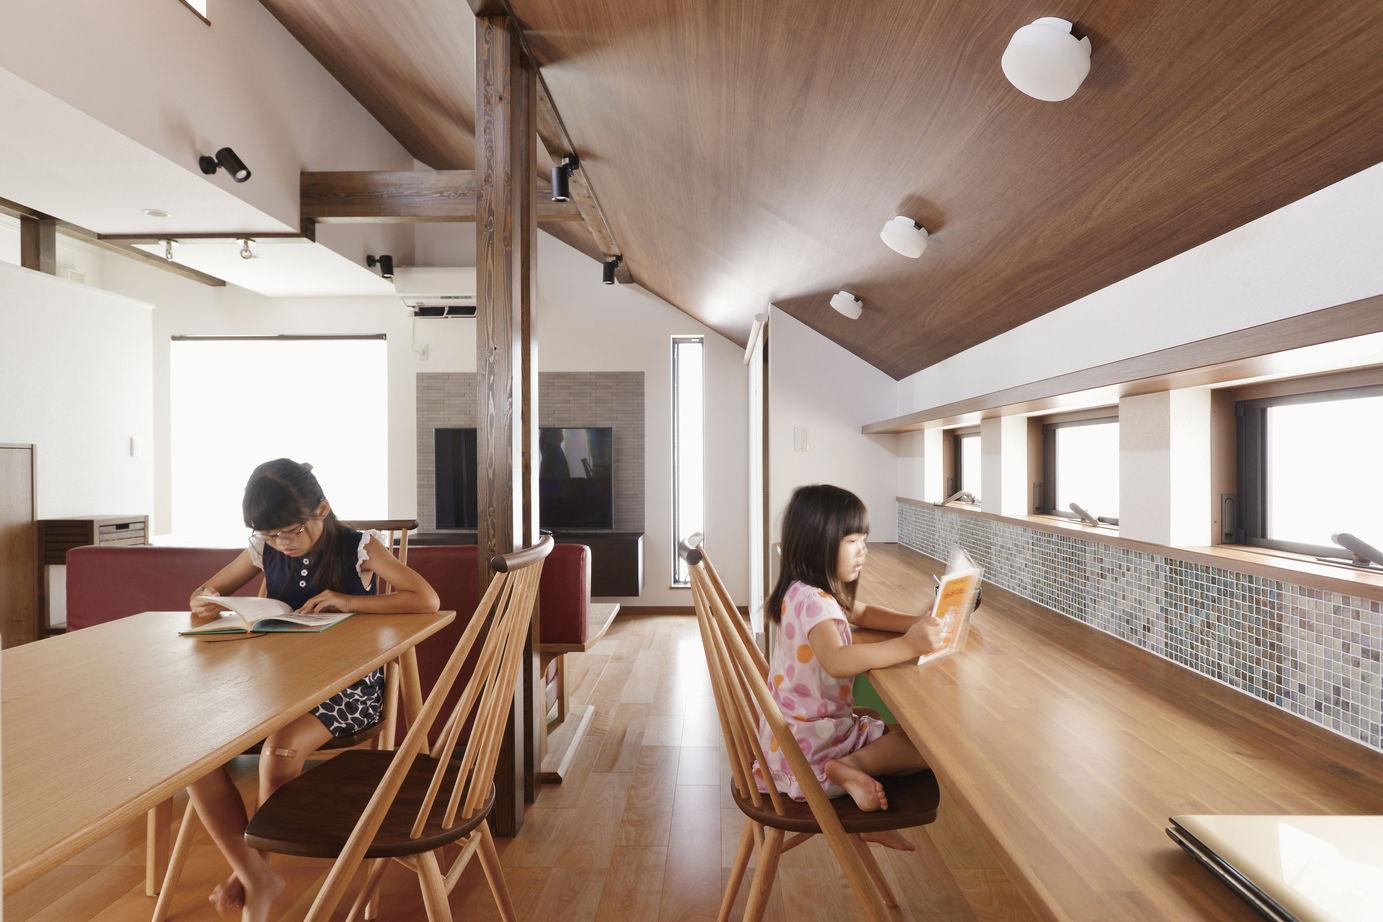 【1500~1999万円】「リビングでブランコ」「屋上で花火鑑賞」「家族のカウンター」住まいが遊びの空間に画像3